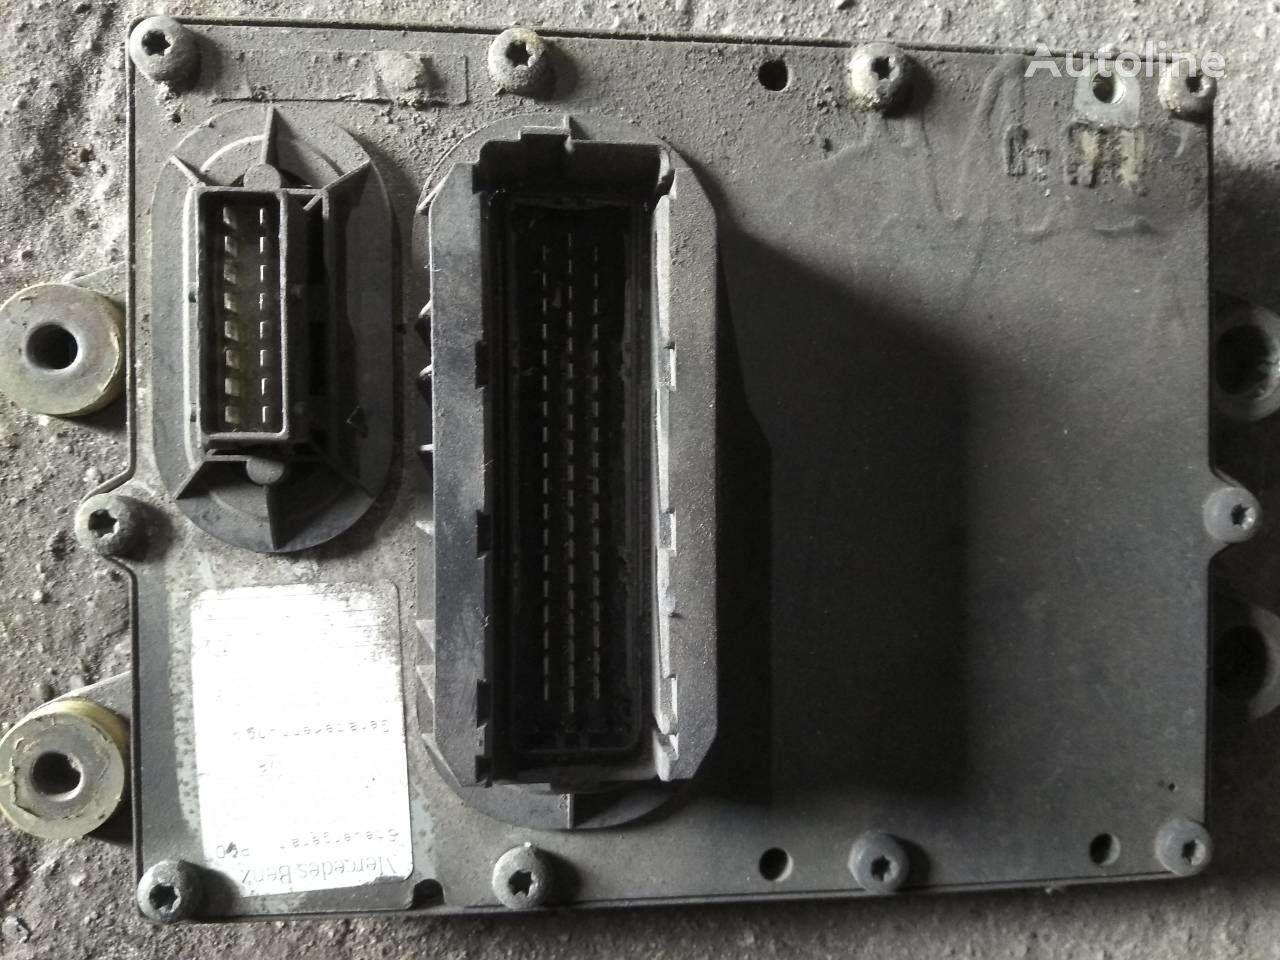 MERCEDES-BENZ blok EBU OM904LA (A9044467940) control unit for MERCEDES-BENZ Atego truck